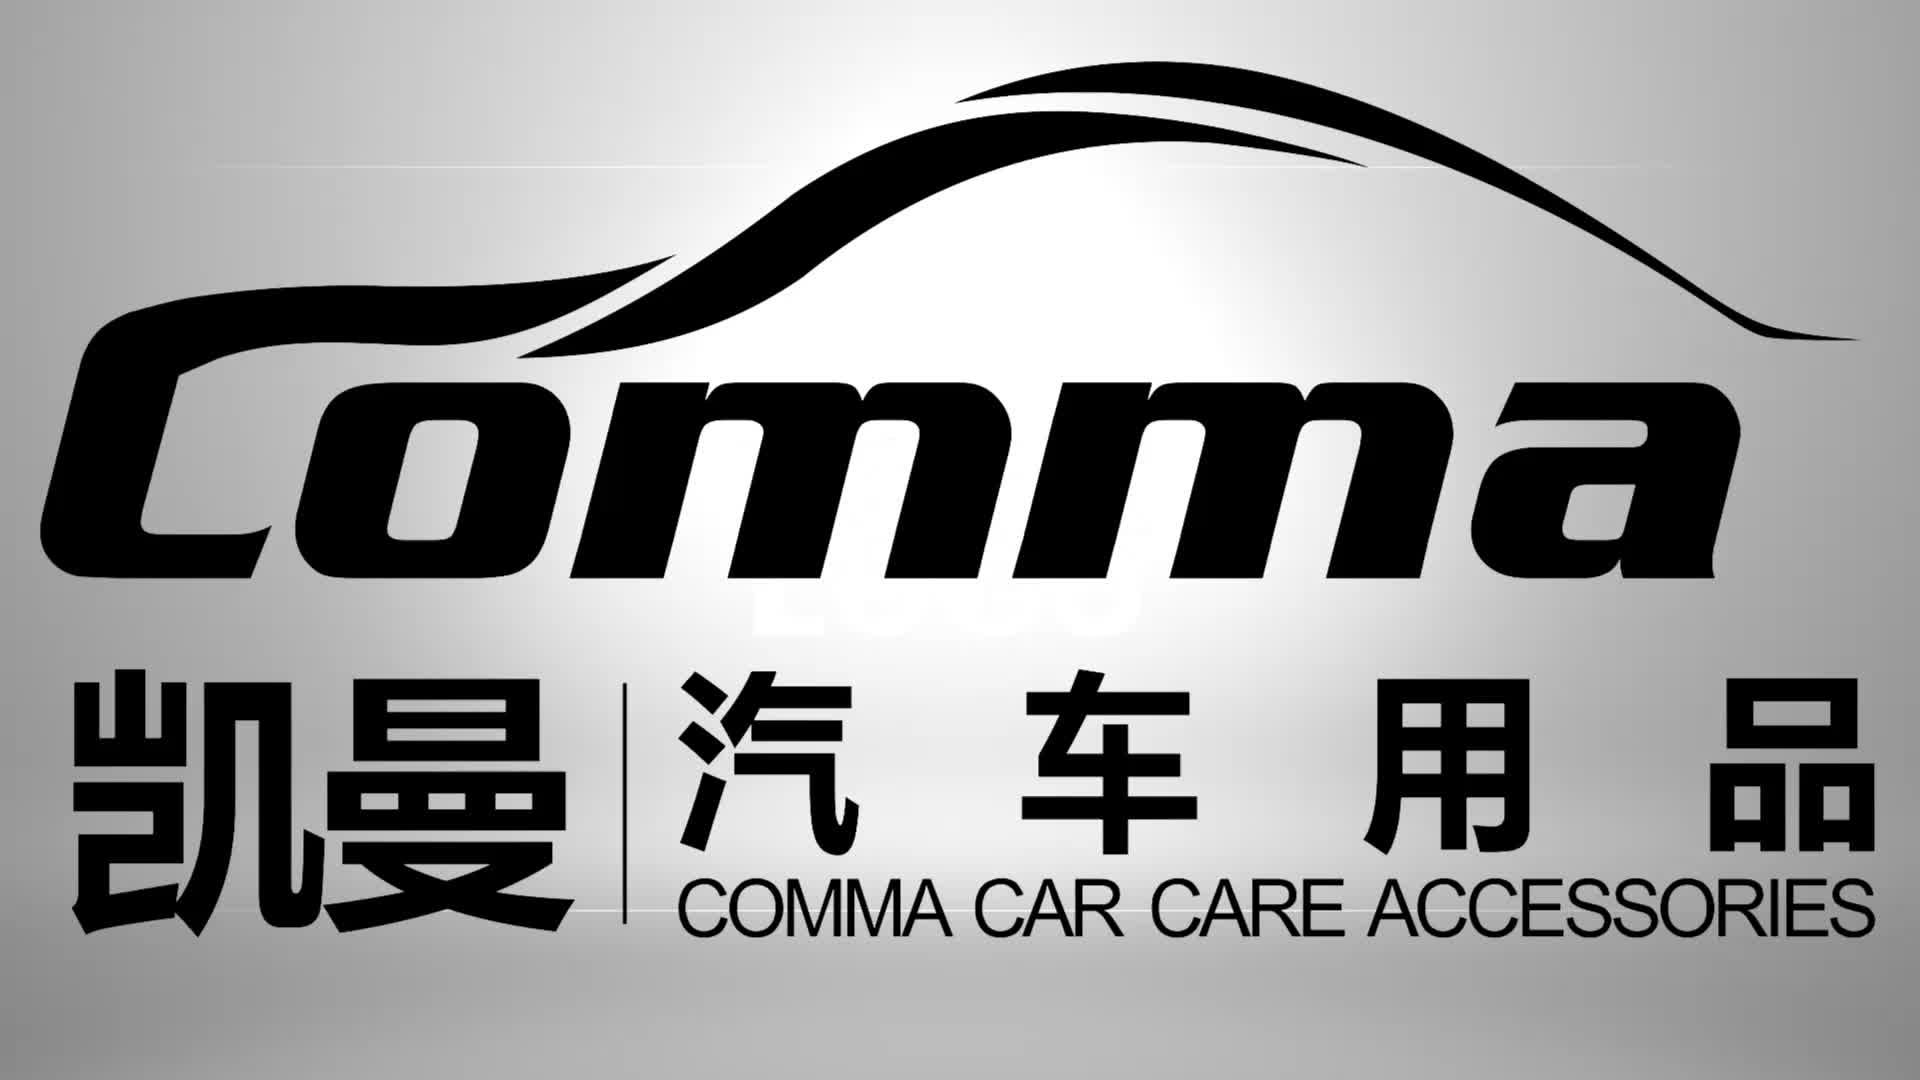 อุปกรณ์เสริม para รถยนต์รถยนต์ภาษาโปลิชคำแบบพกพาอุปกรณ์เสริมสีตกแต่ง shine ทำความสะอาดภายในรถ